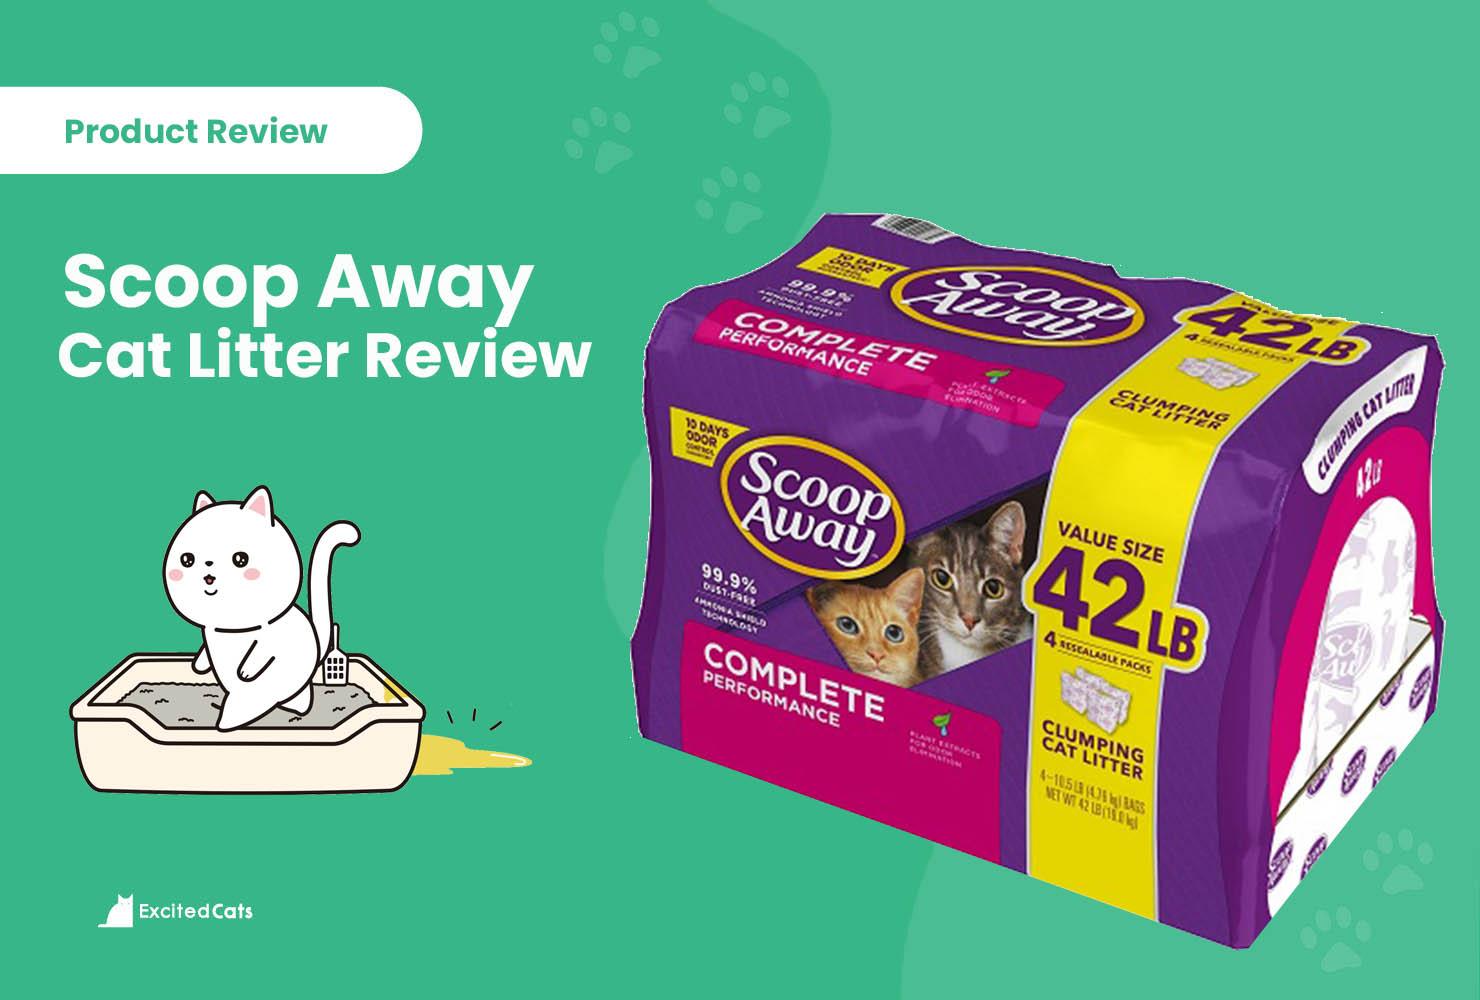 https://excitedcats.com/scoop-away-cat-litter-review/